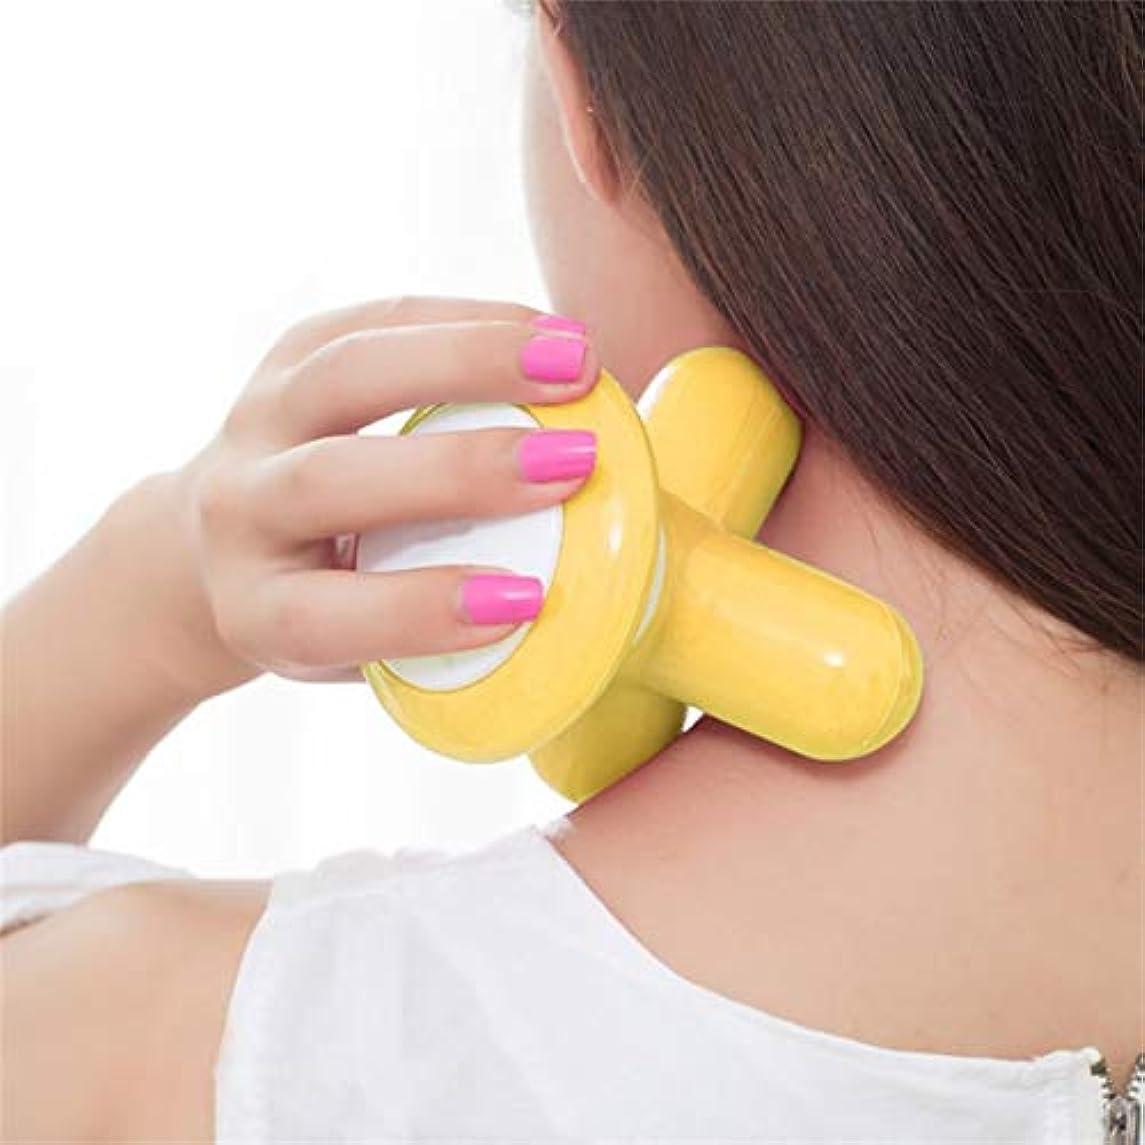 シガレットメモ脇にMini Electric Handled Wave Vibrating Massager USB Battery Full Body Massage Ultra-compact Lightweight Convenient...